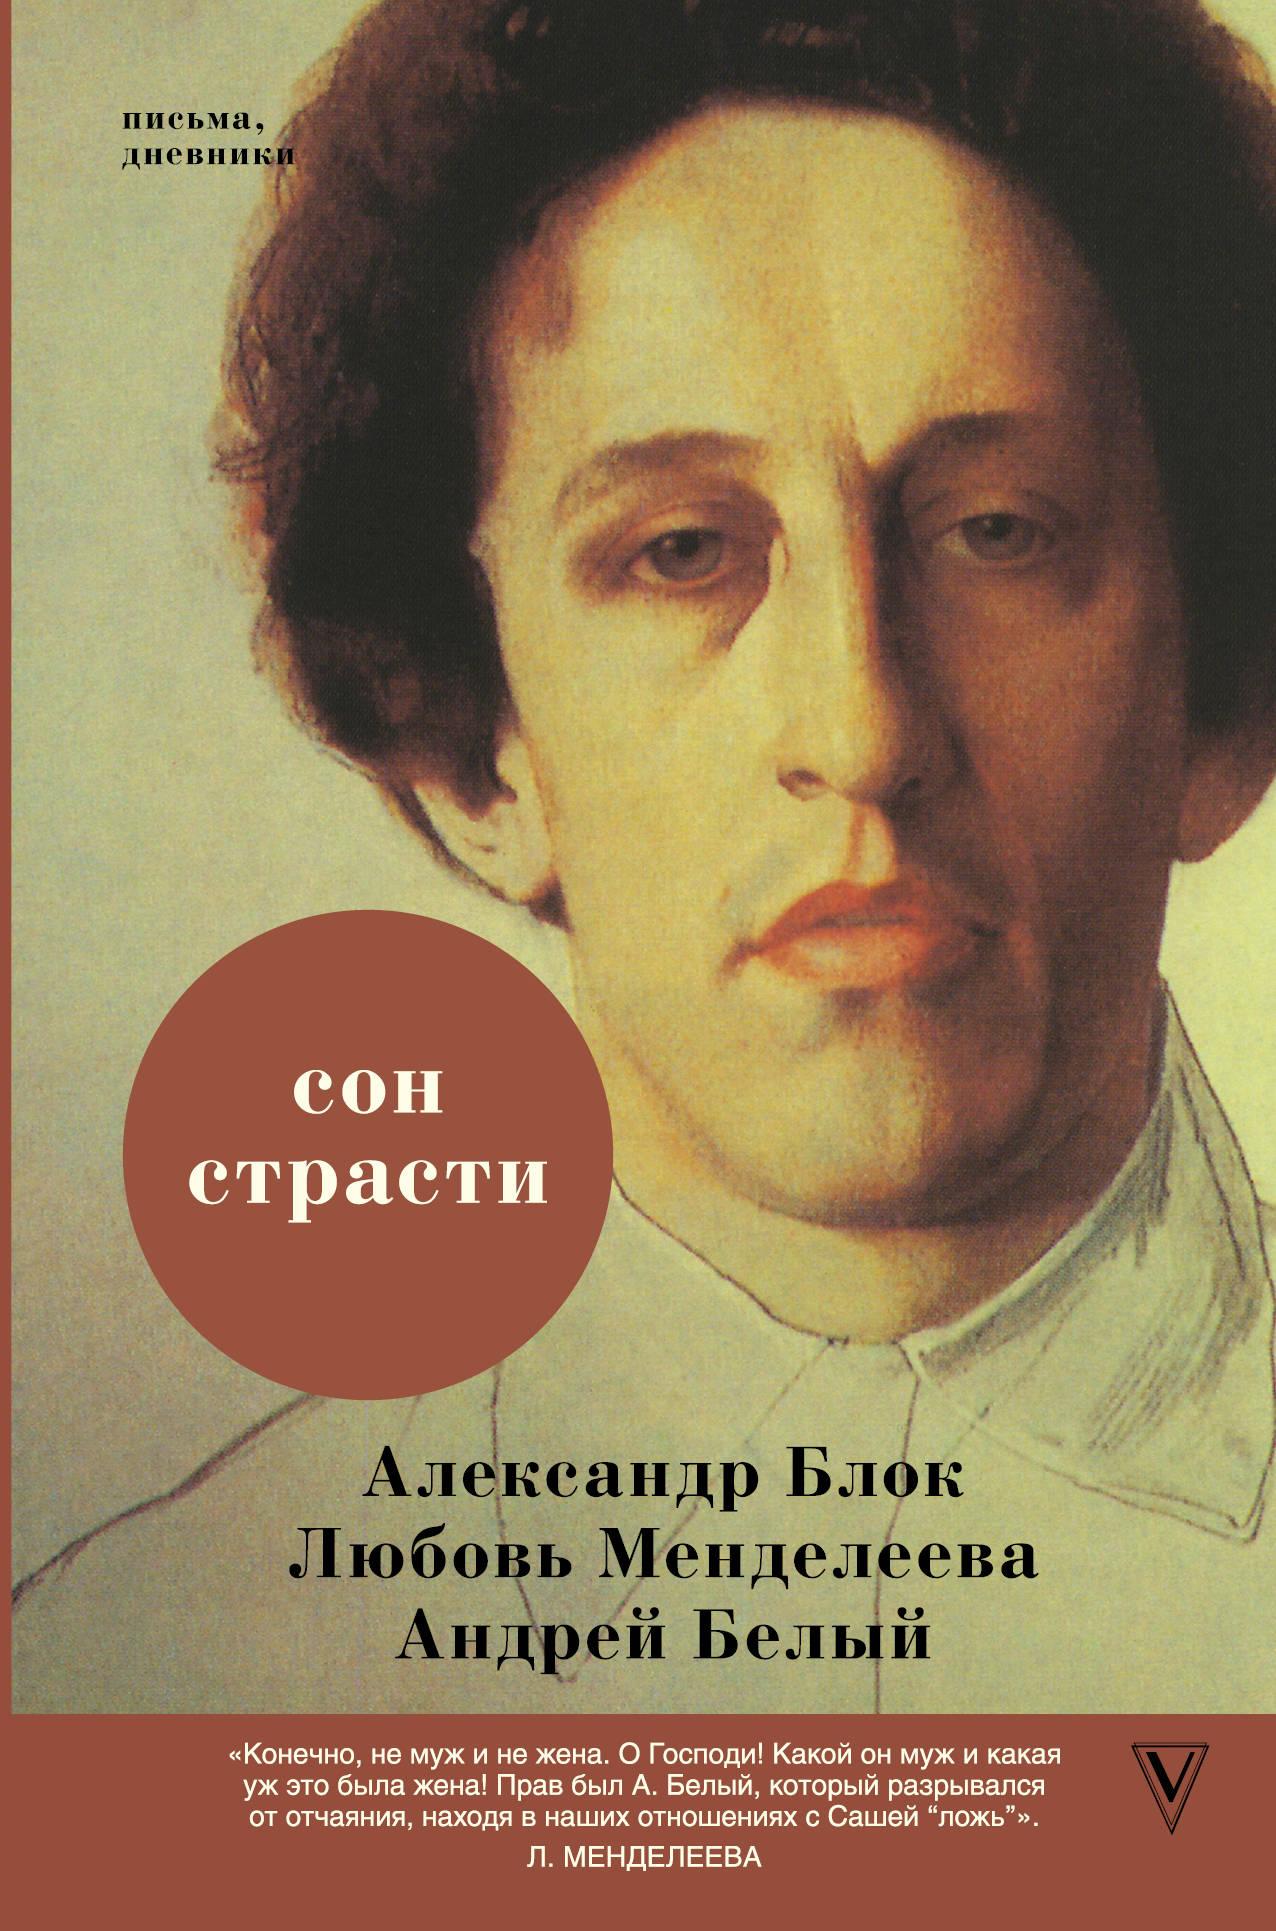 Александр Блок, Любовь Менделеева, Андрей Белый Сон страсти: письма, дневники цены